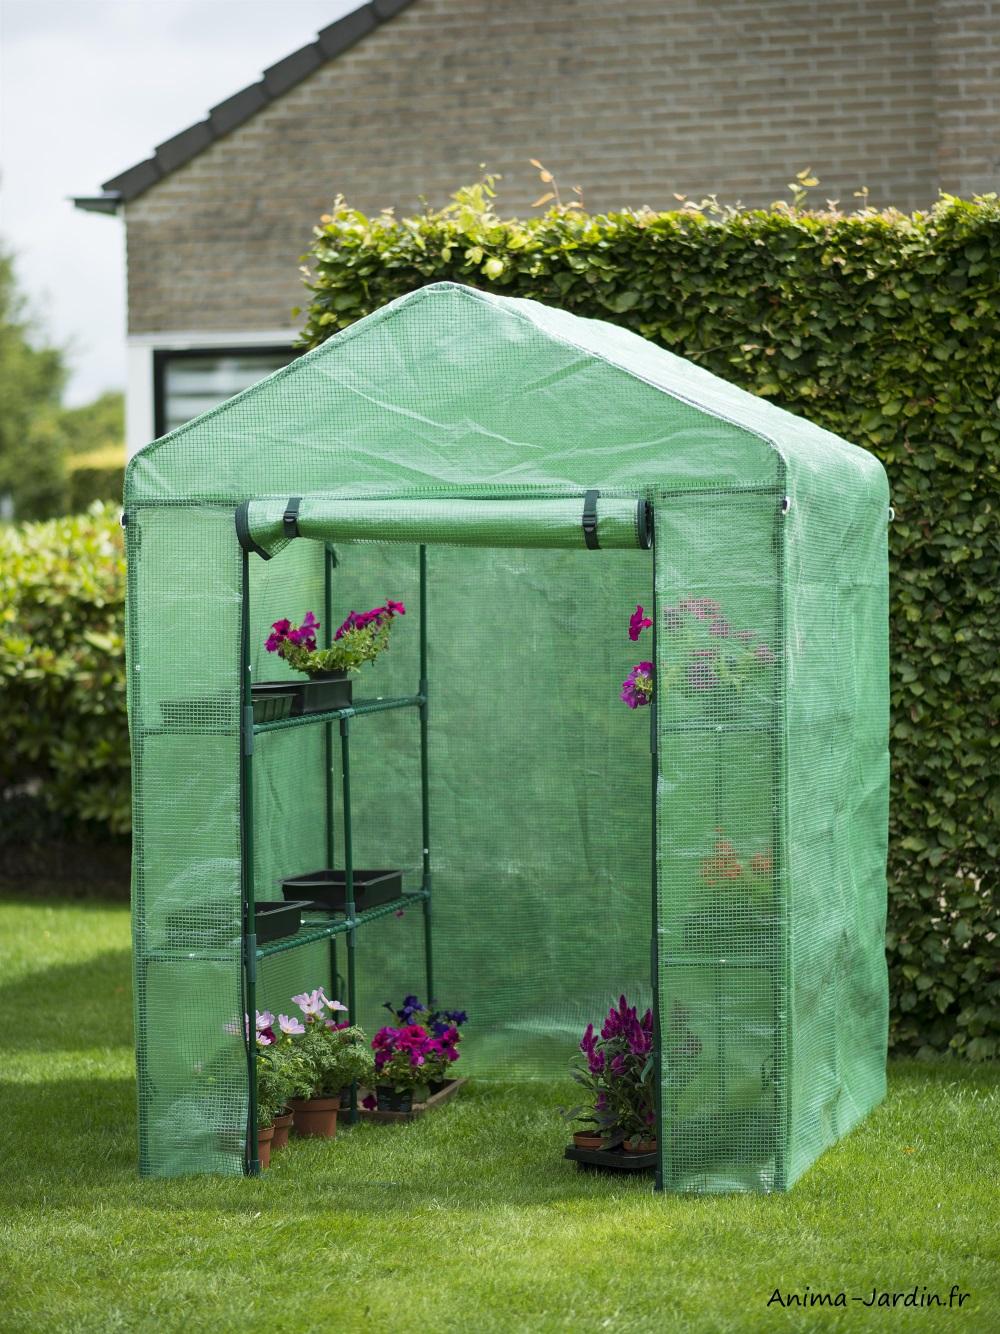 Serre de jardin souple-2m²-étagères-housse renforcée-Nature Jardin-Anima-Jardin.fr